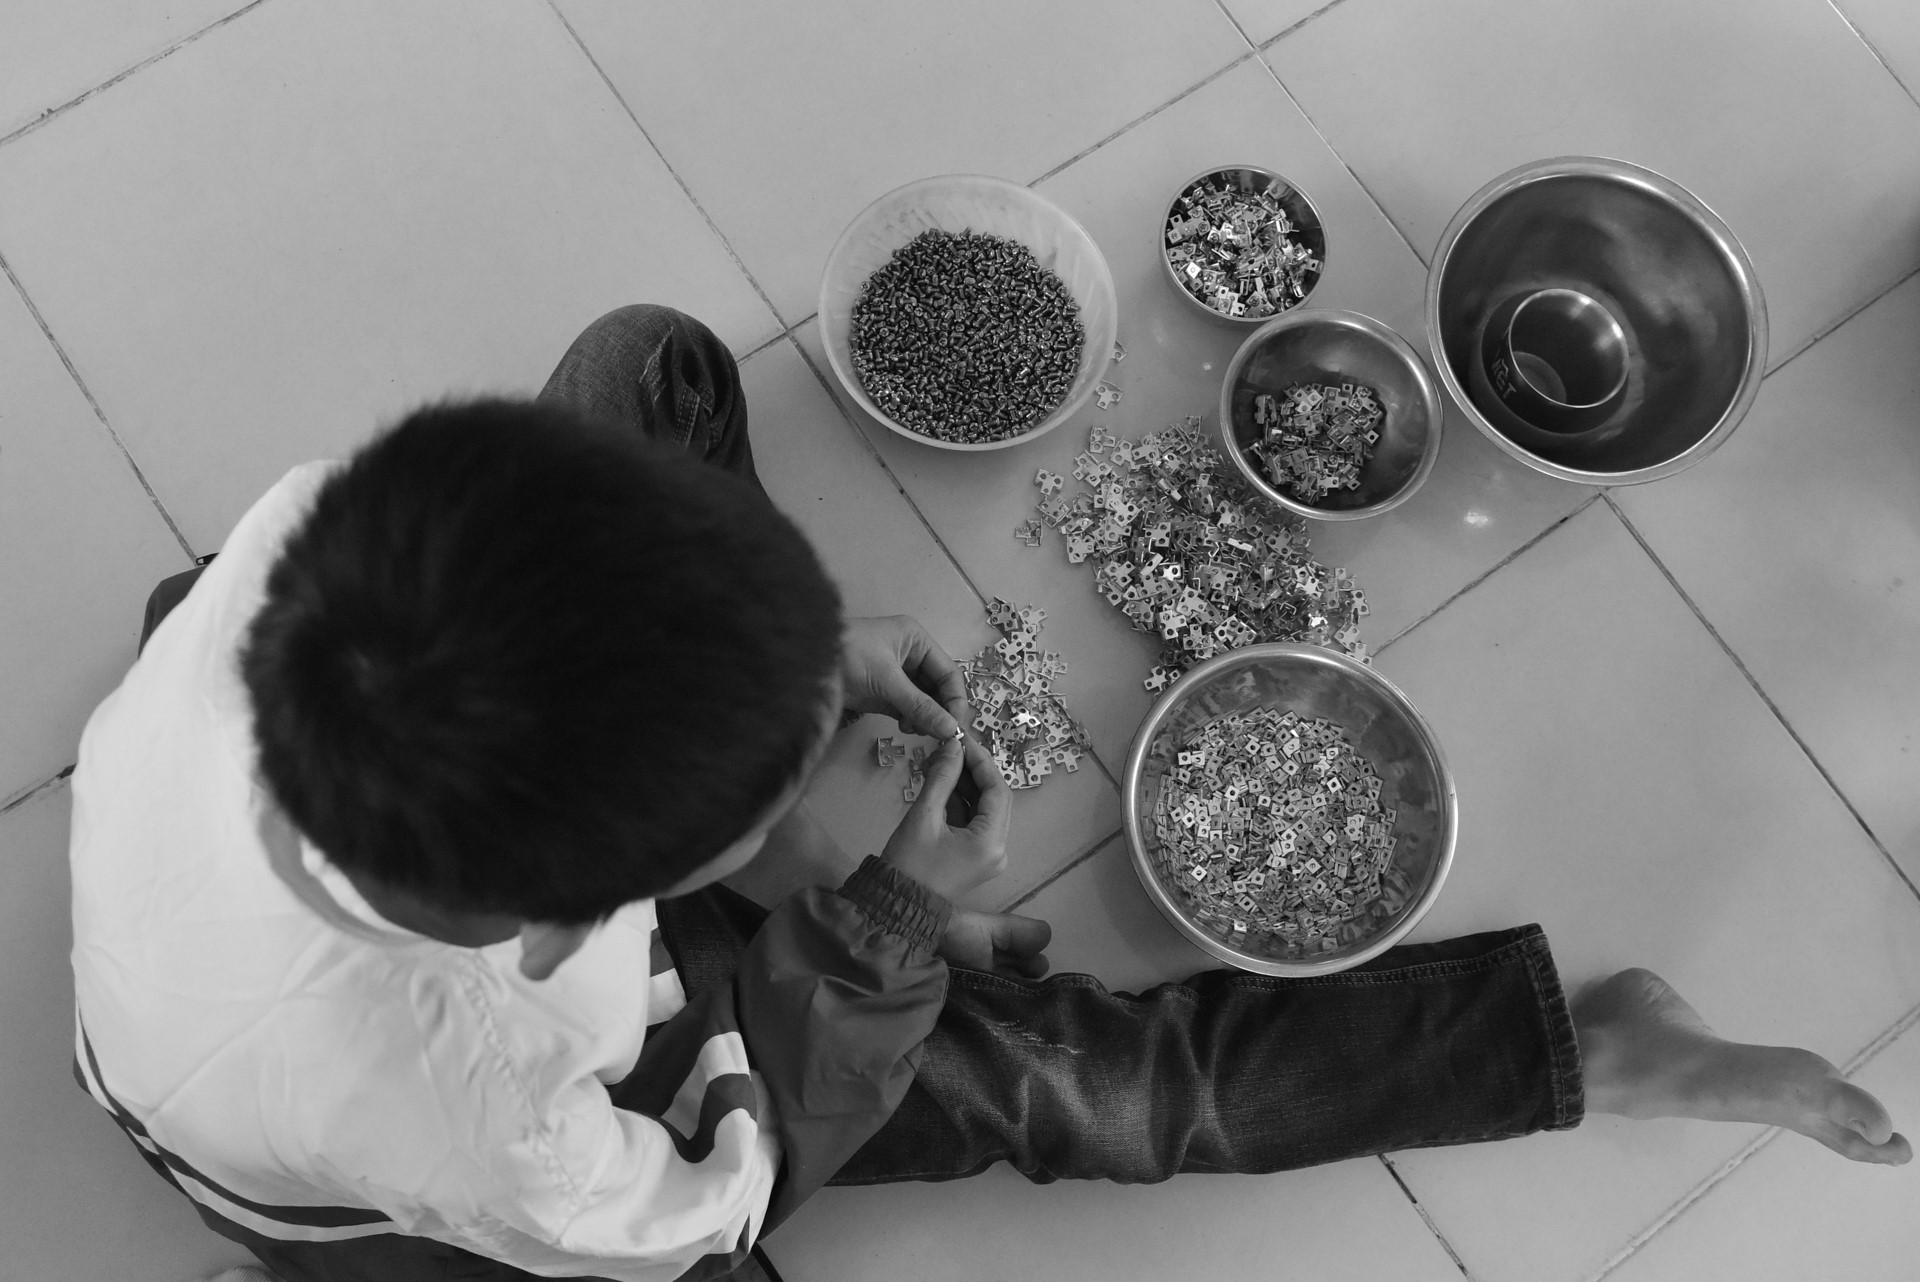 Ngôi nhà chung của 80 trẻ em nhiễm HIV bị bỏ rơi-3